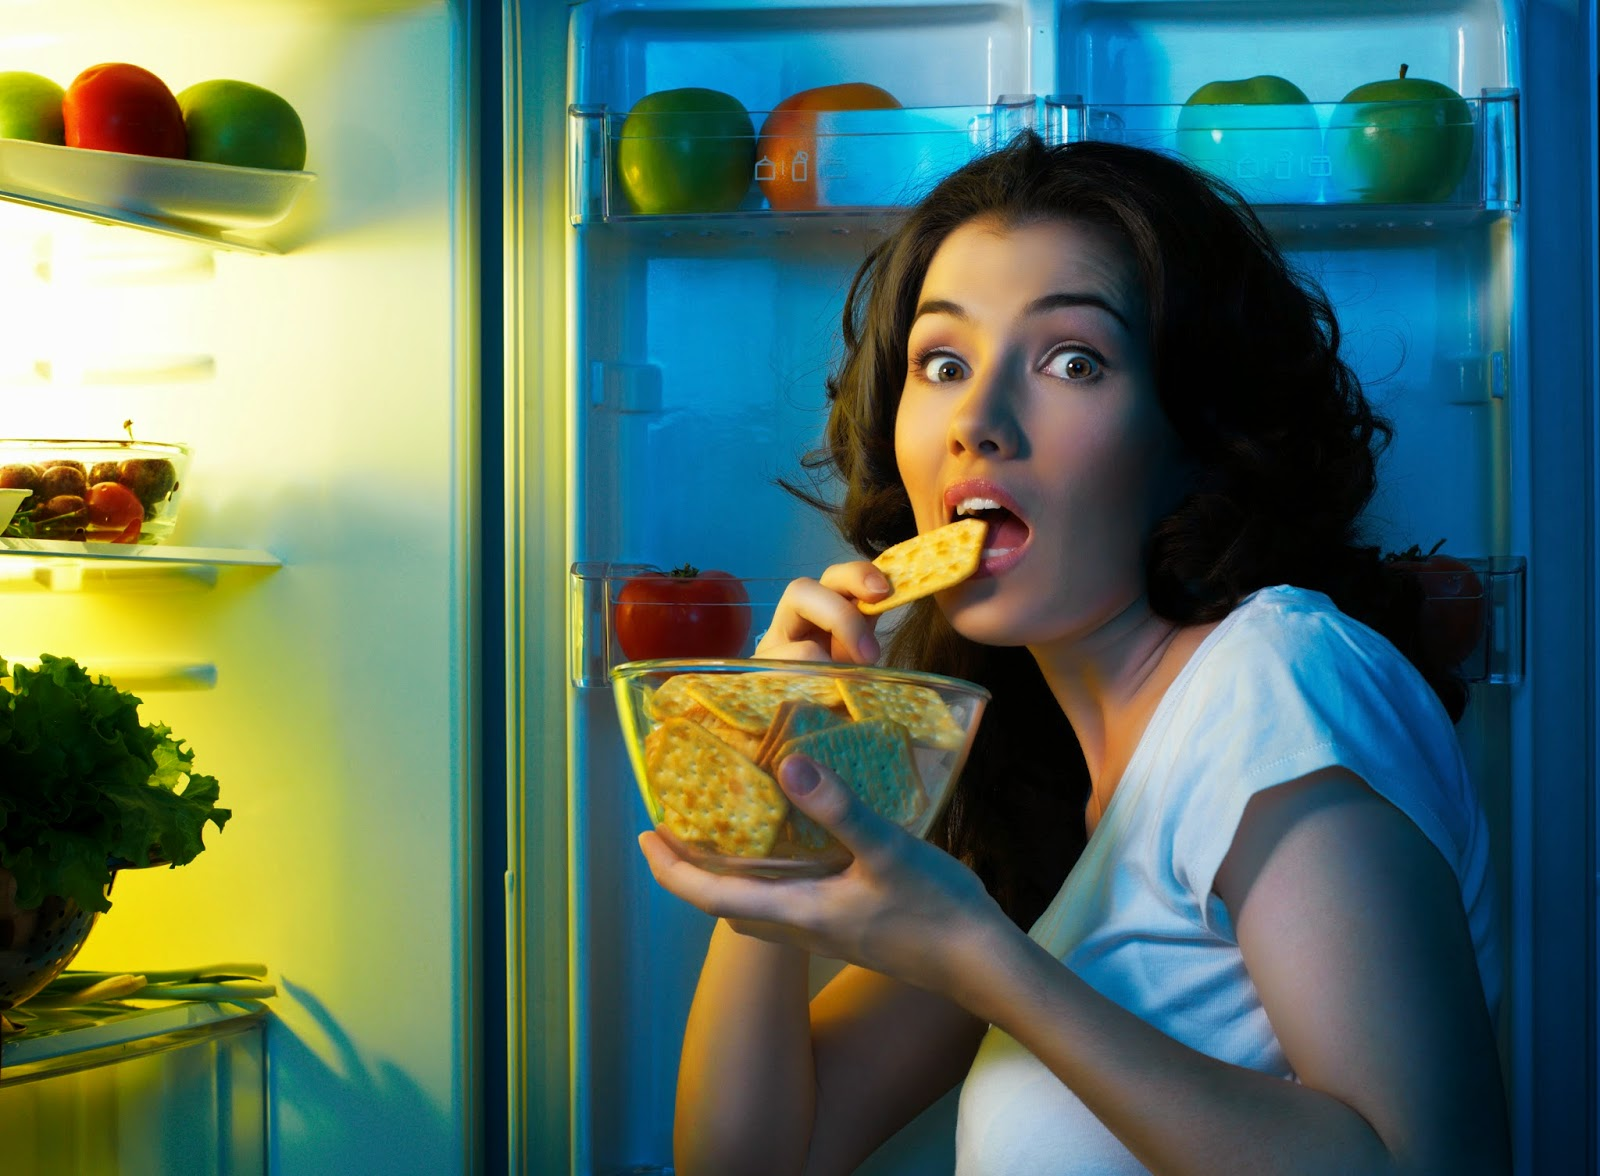 фото думает ночью у холодильника билеты банкноты